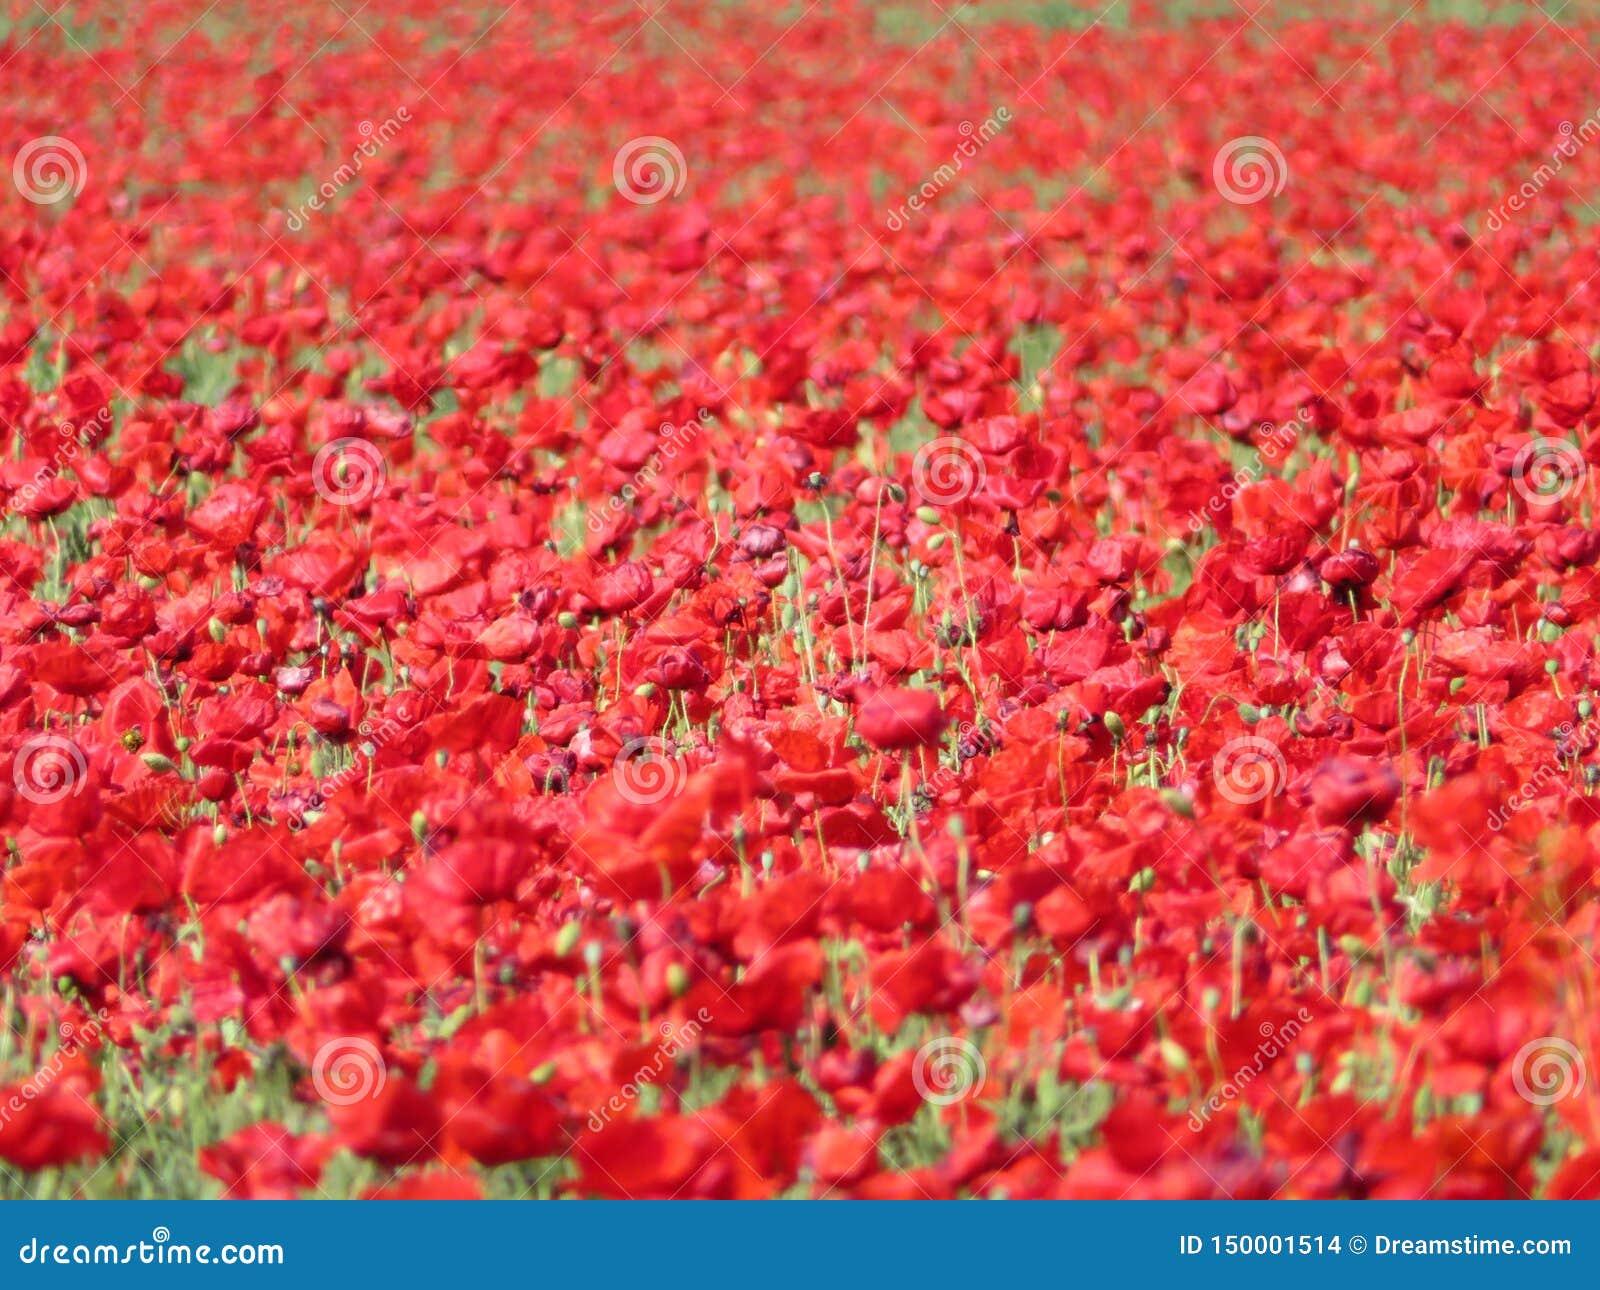 Piękni czerwoni maczki kwiaty pełno mieszali z zbożem